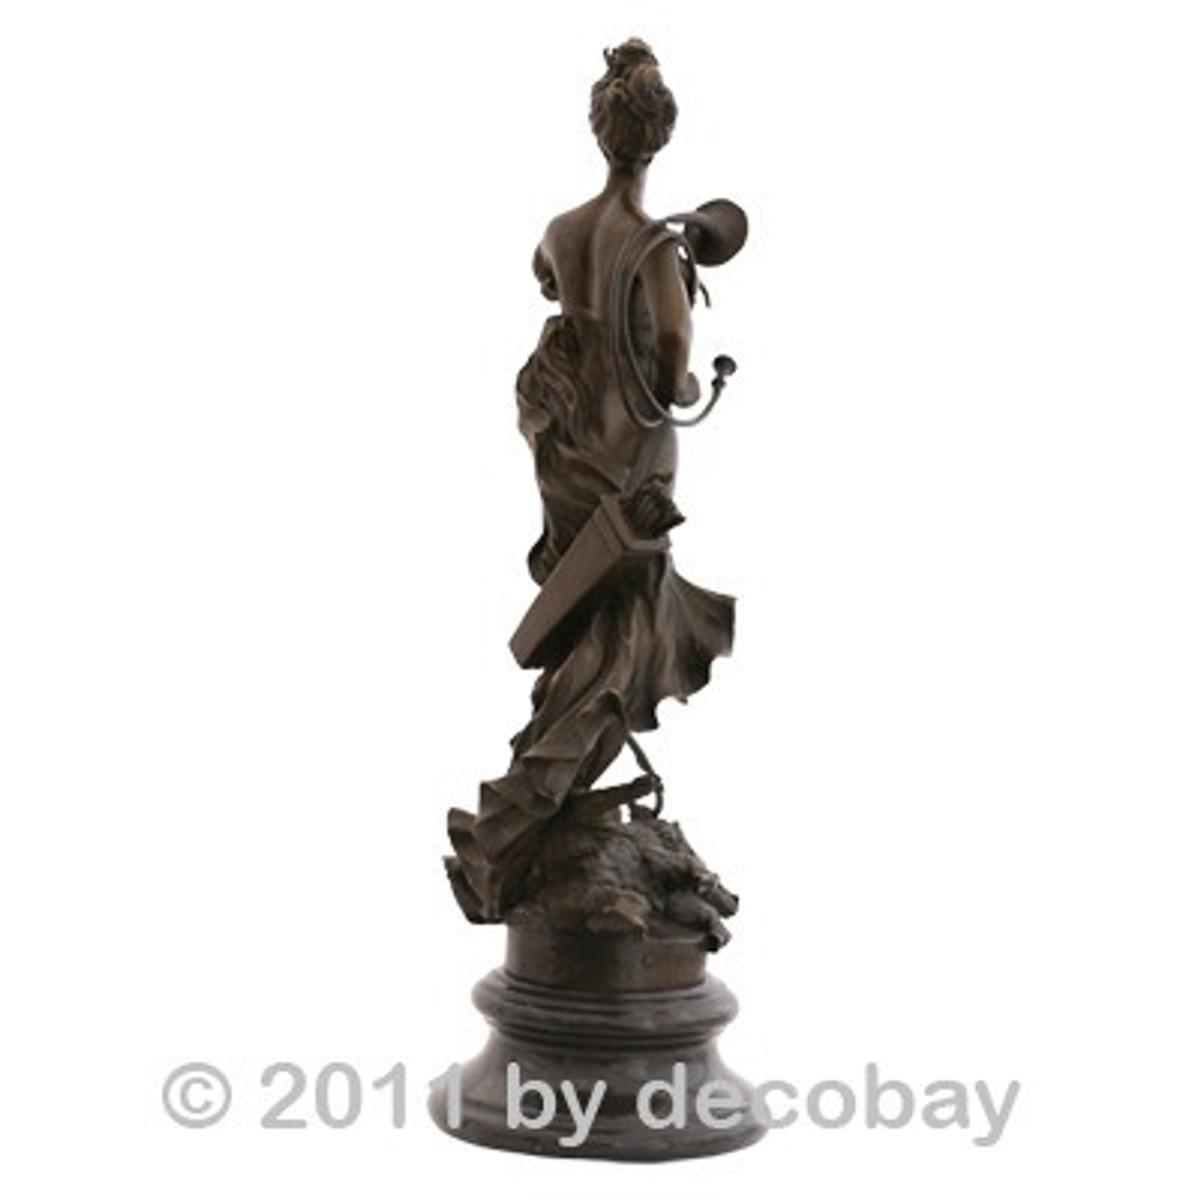 Bronze Statue Dekoration Göttinnen Jagd Frau Bronzefigur auf rundem Marmorsockel mit einer von einem Tuch nur wenig verhüllten barbusigen Frau.